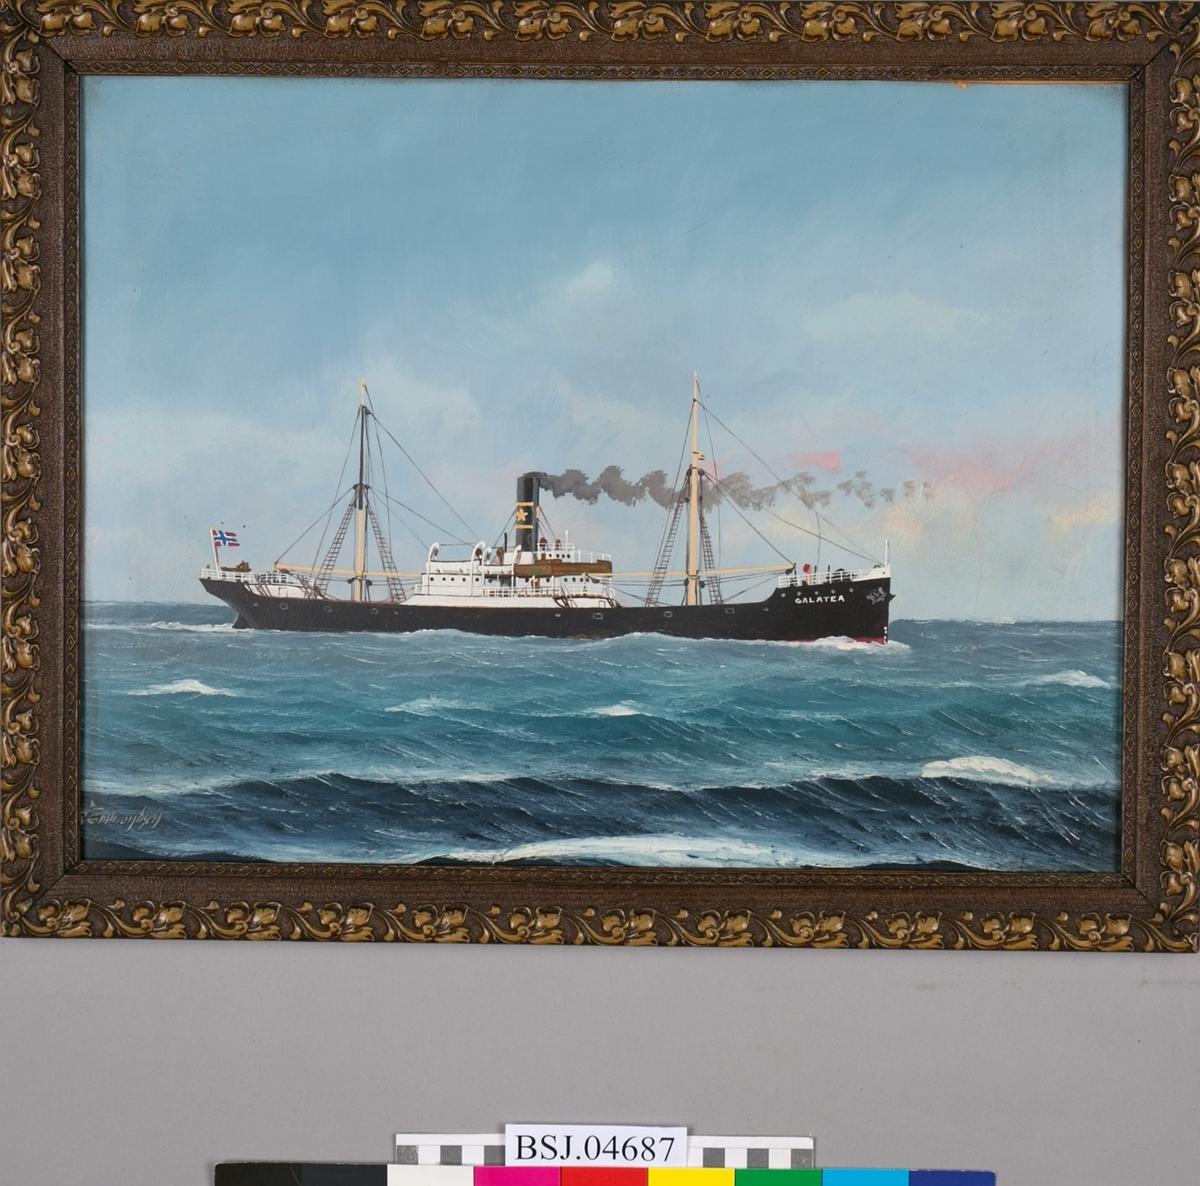 Skipsportrett av DS GALATEA under fart i åpen sjø med norsk slagg akter.